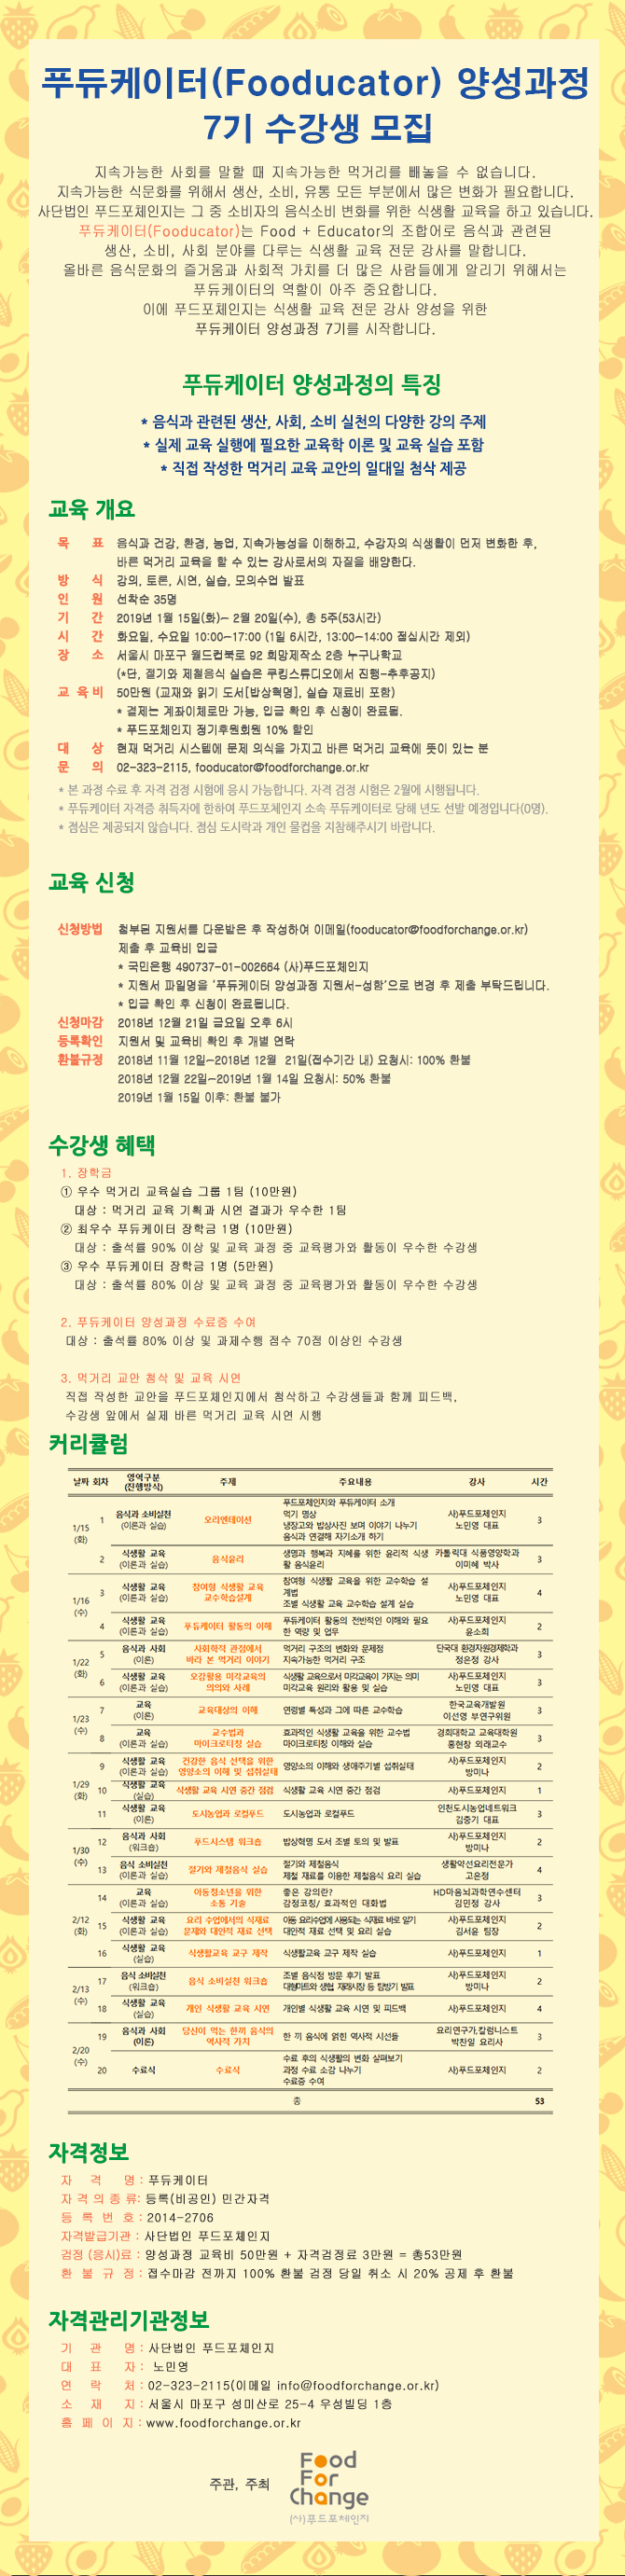 7기 푸듀케이터 양성과정(수정).jpg